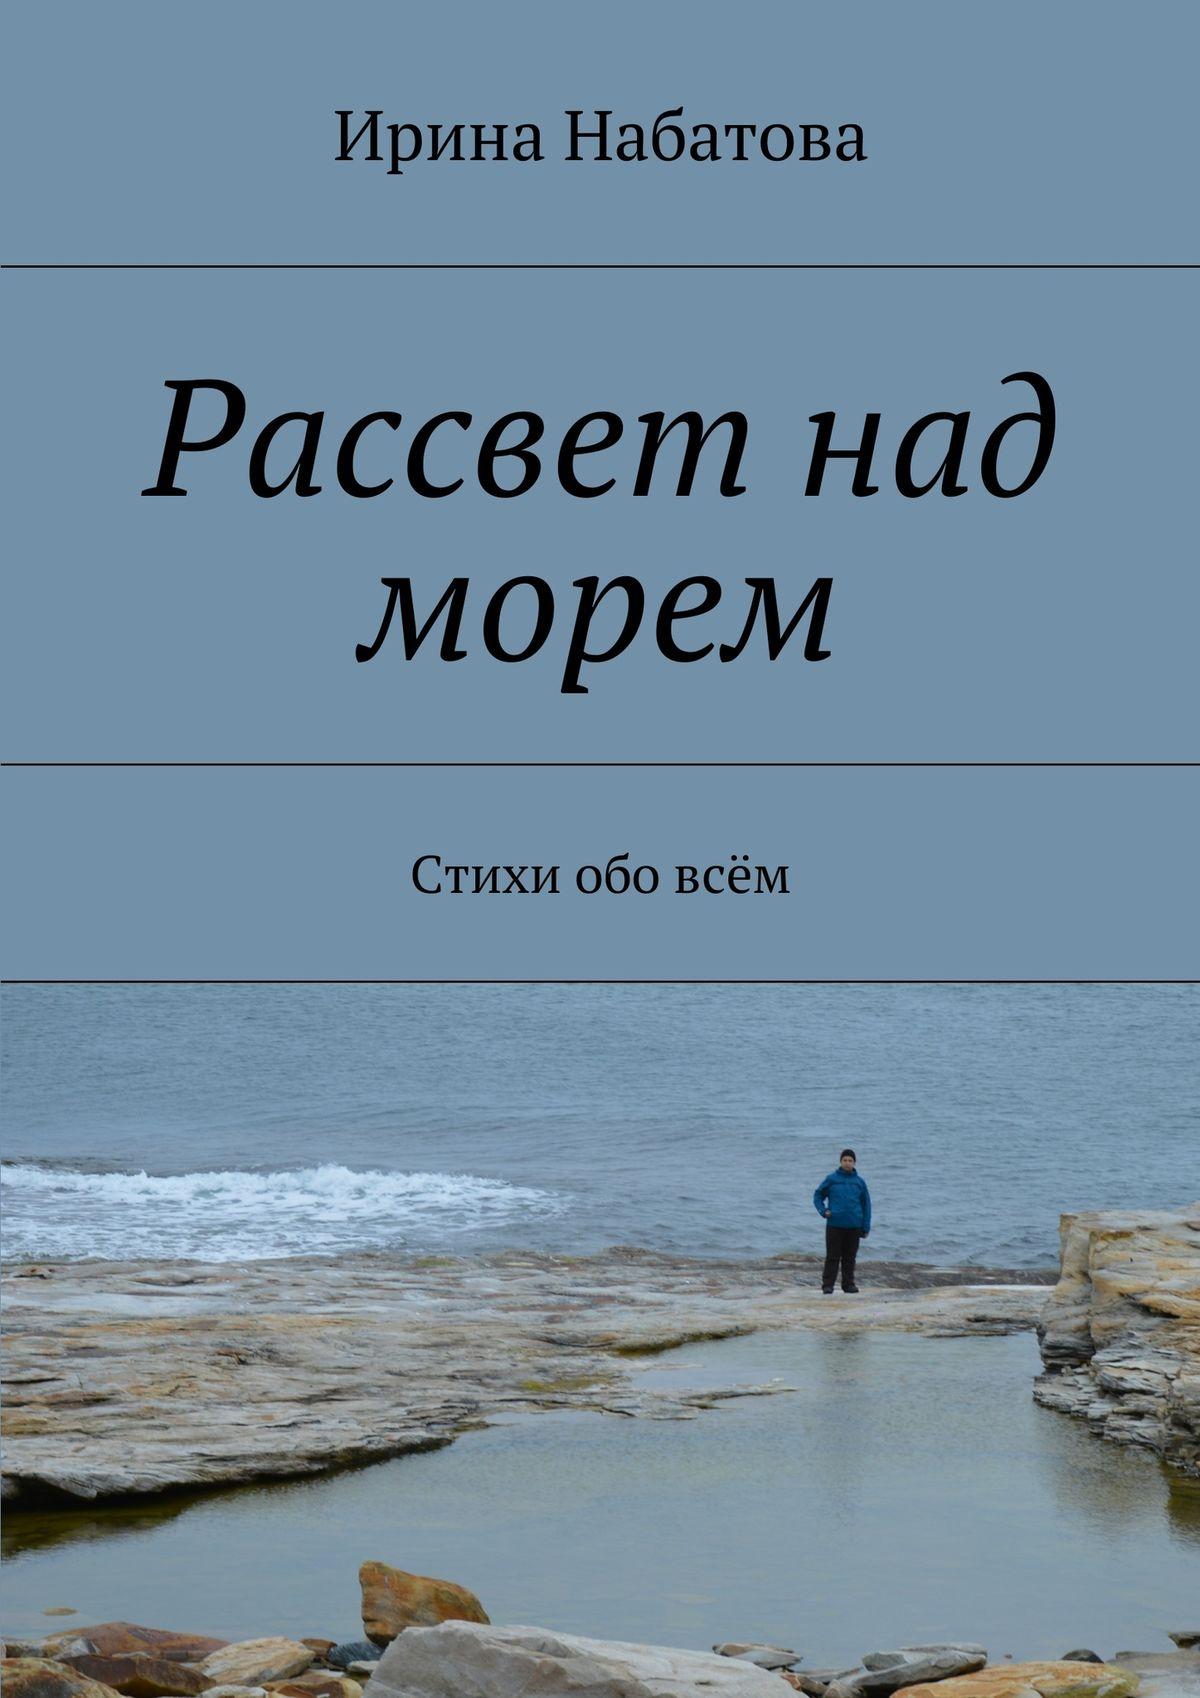 Ирина Набатова Рассвет над морем. Стихи обовсём юрий смолич рассвет над морем